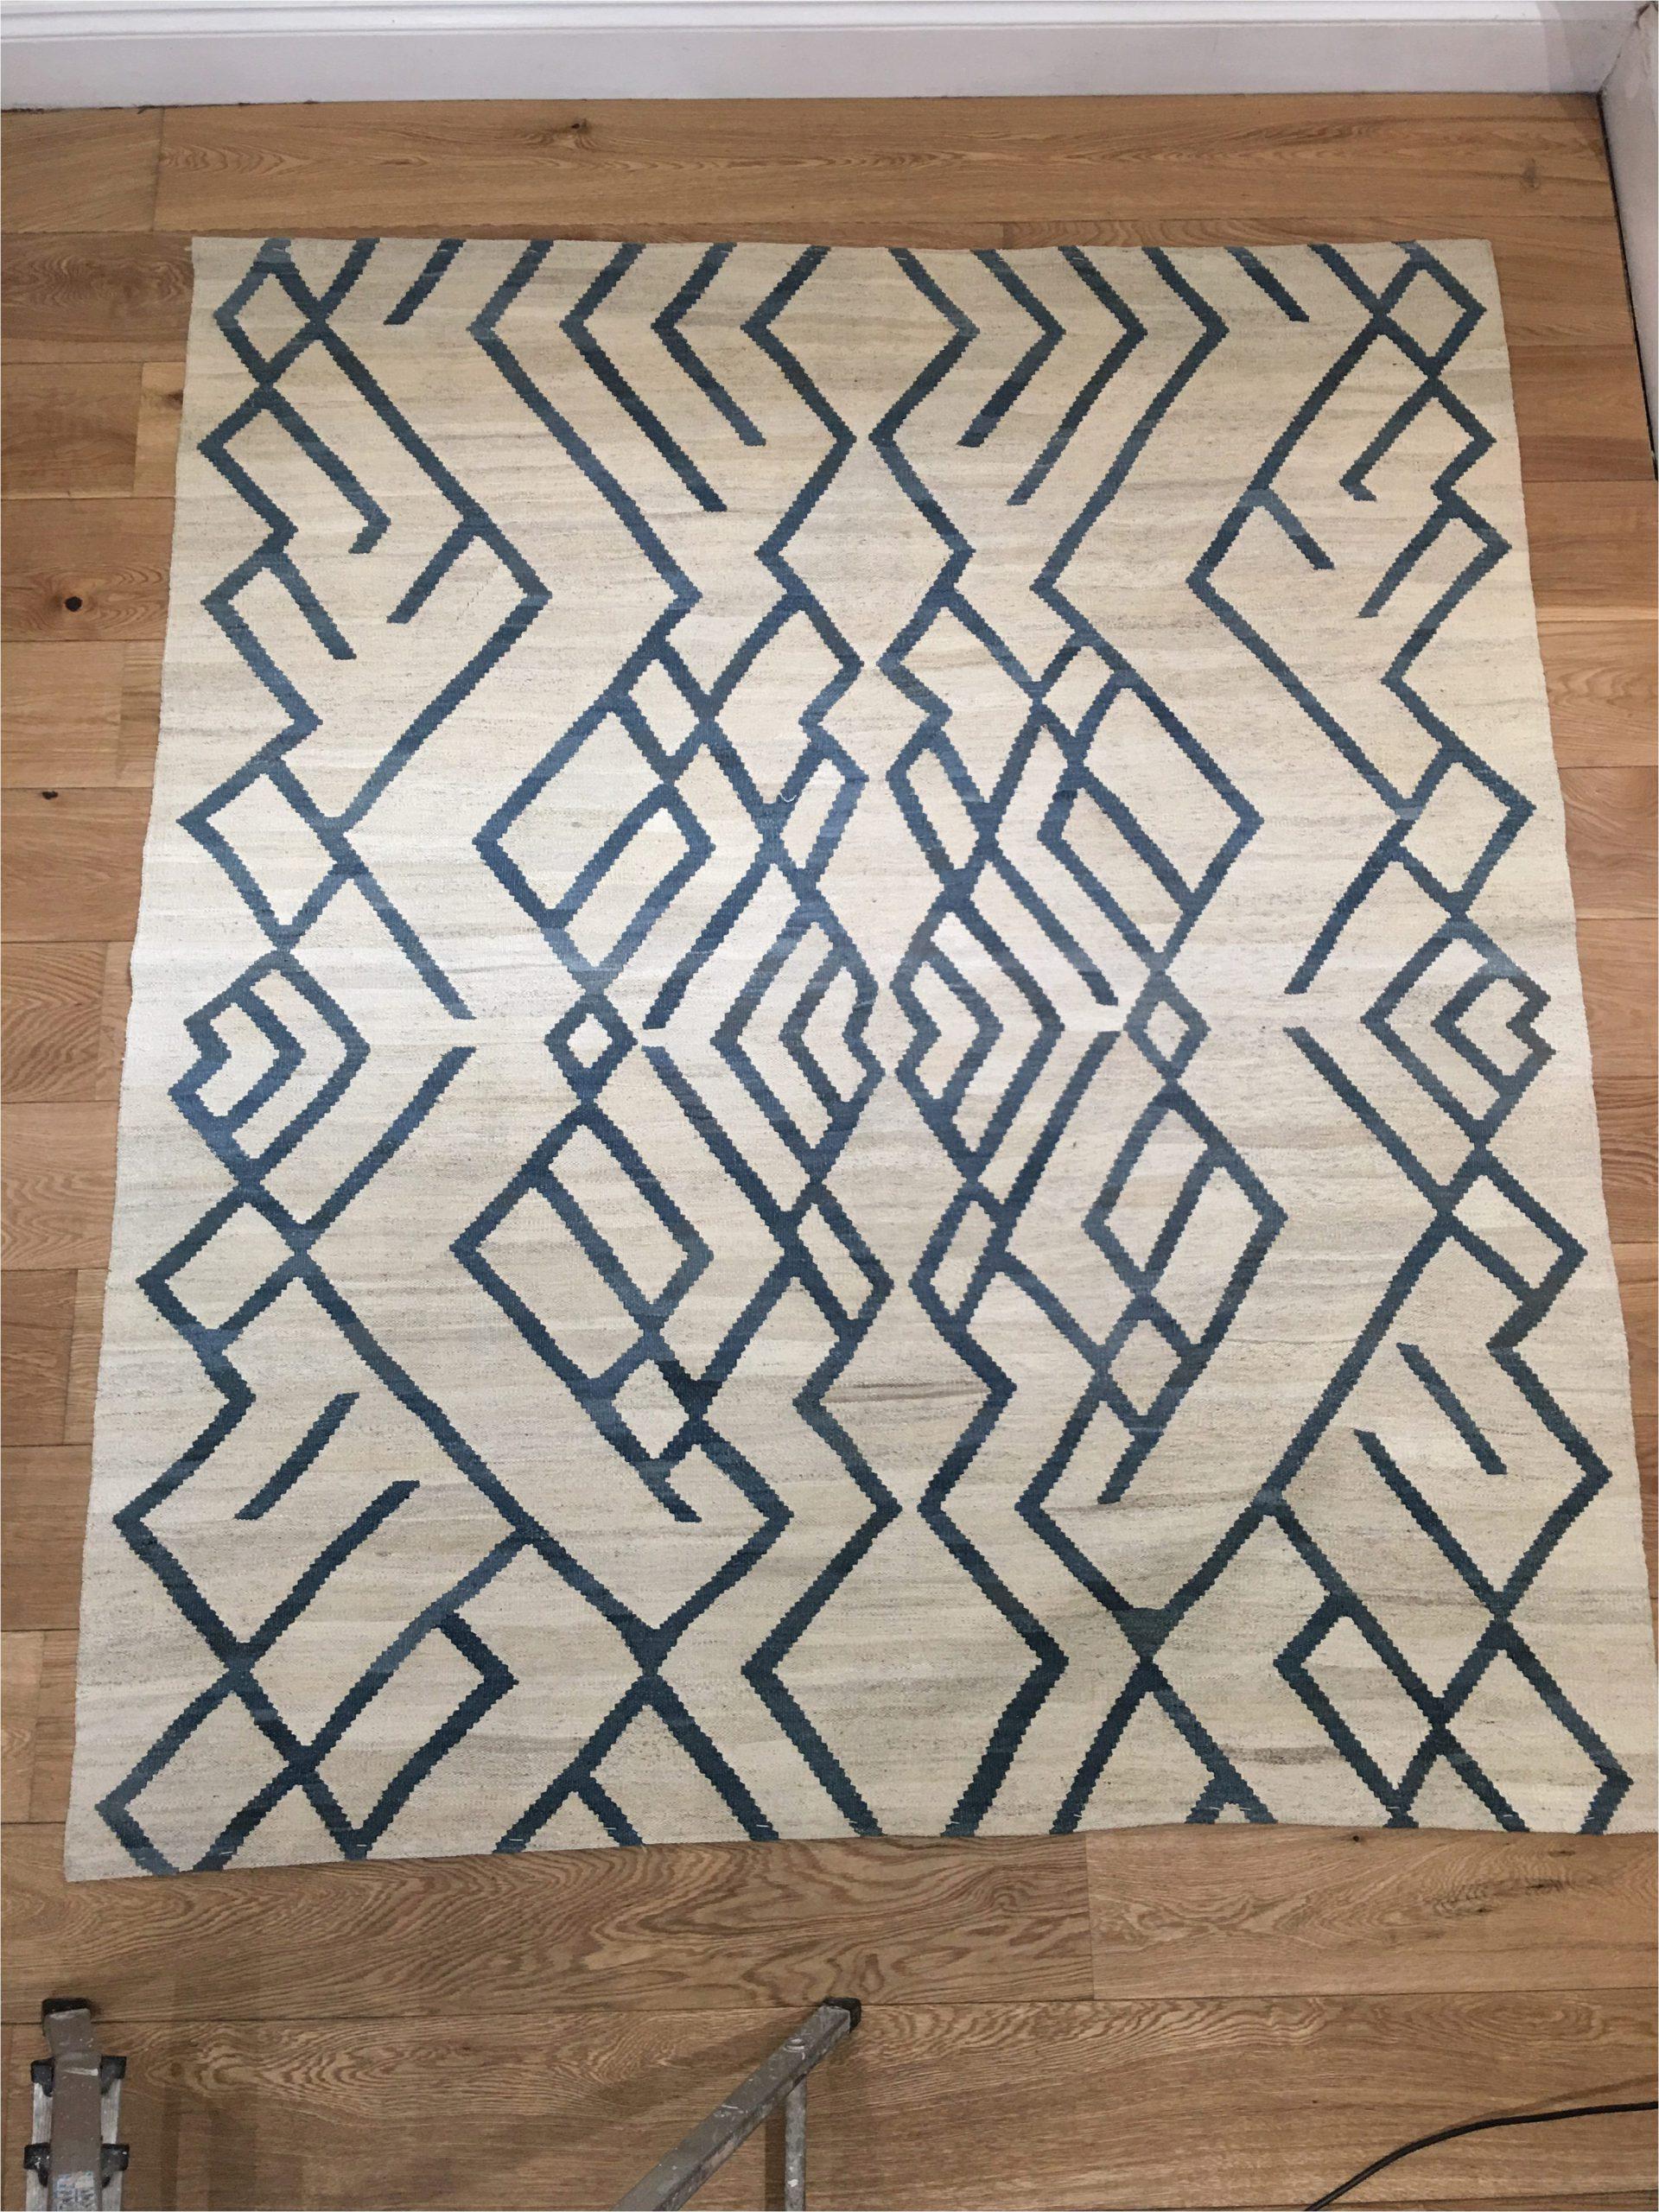 blue and white kilim rug 1 8m x 1 6m